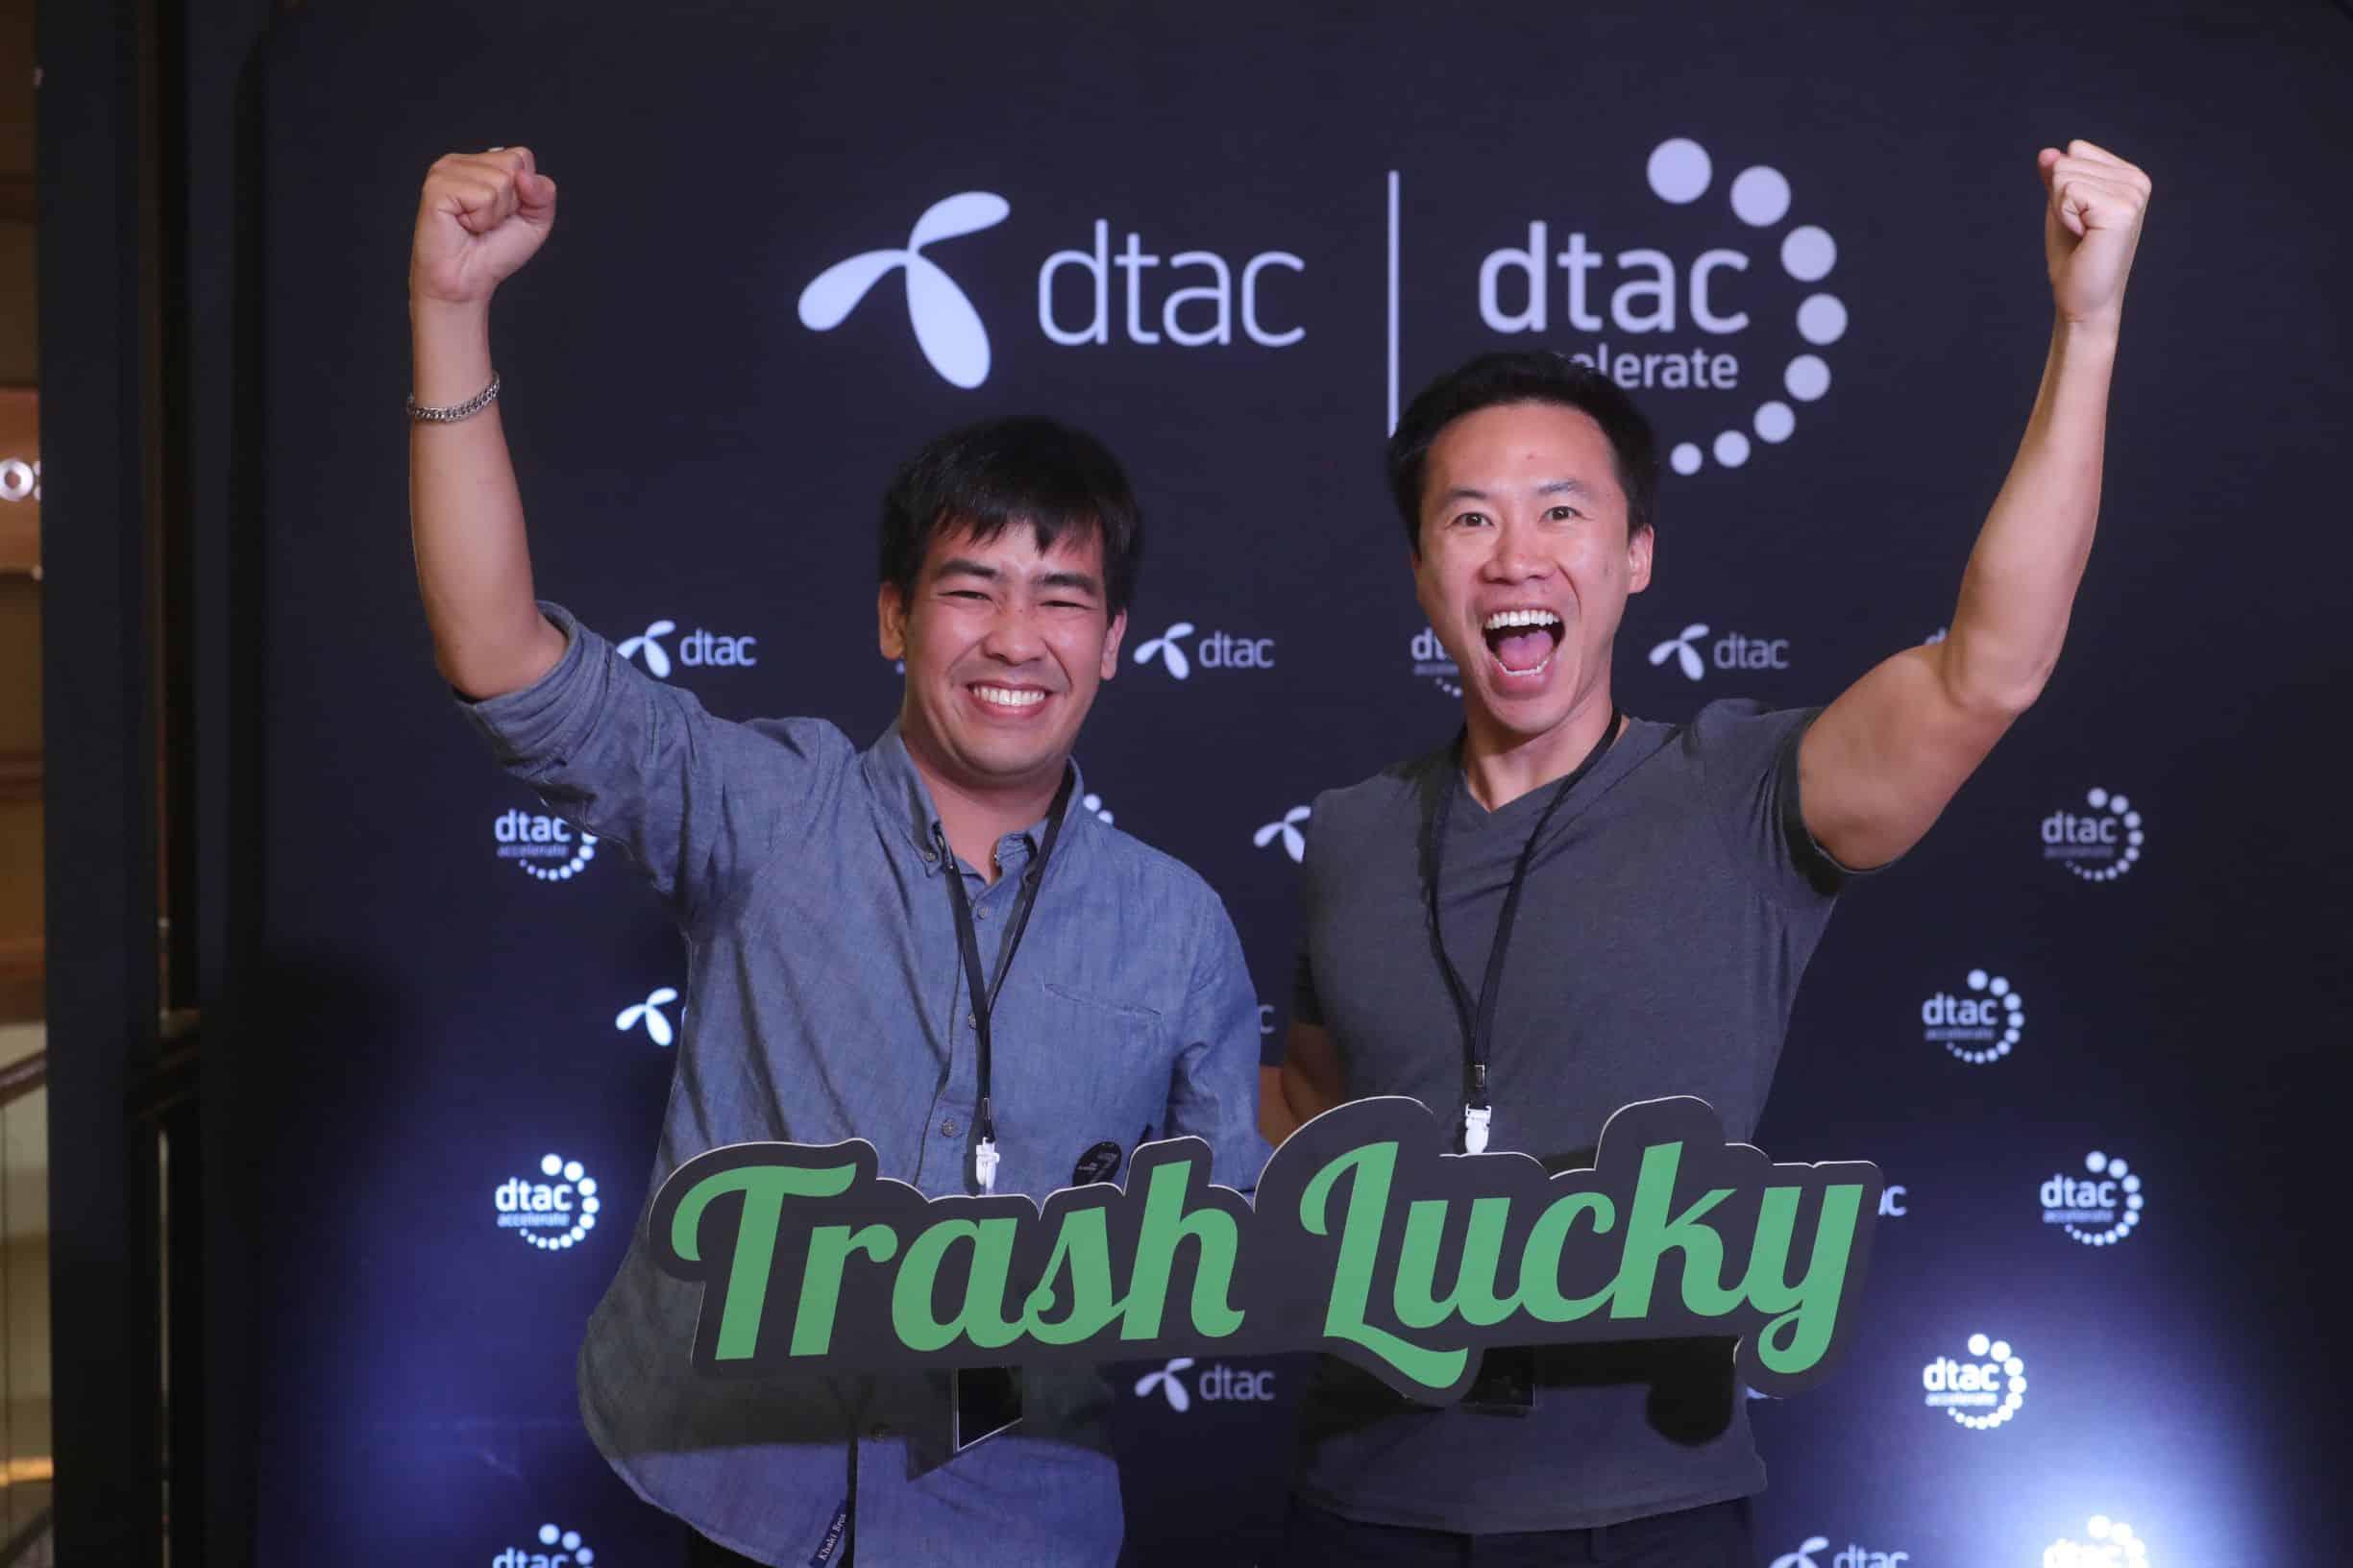 Trash Lucky ตอบโจทย์โลก ลุ้นโชคลด 'ขยะทะเล'